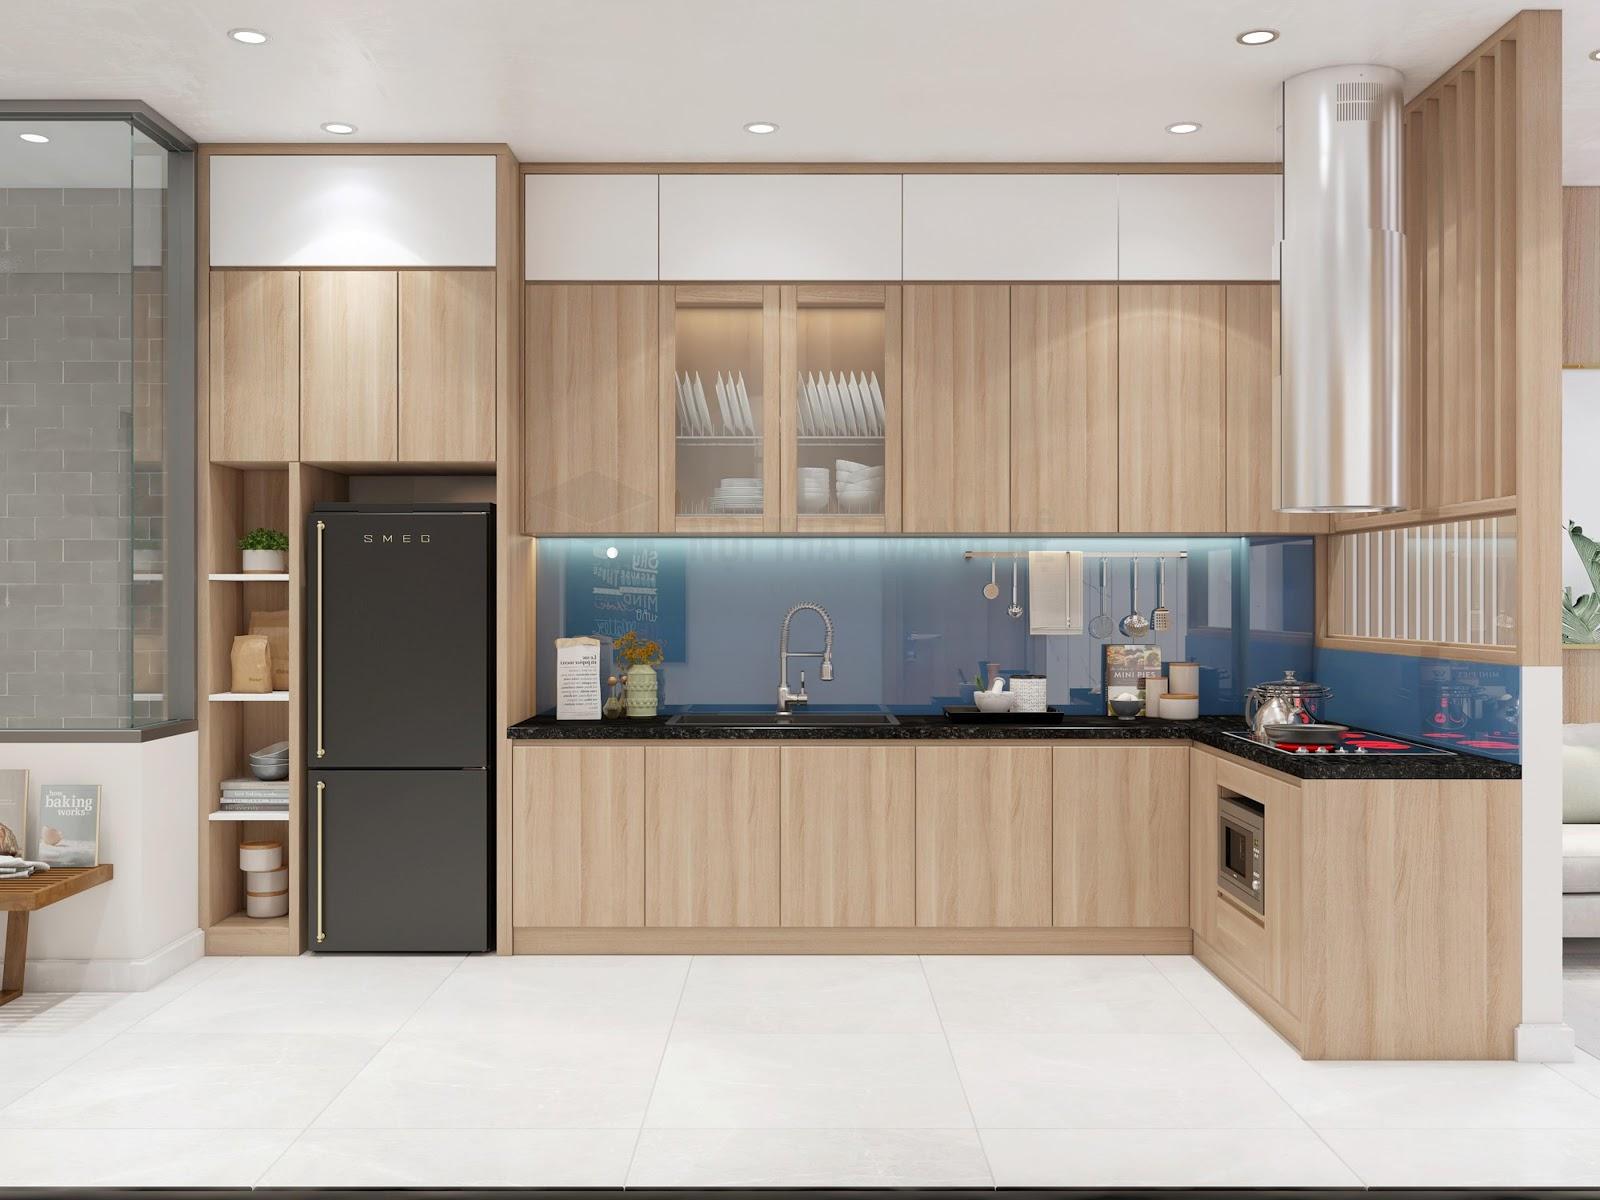 Chất liệu đồ nội thất sẽ tùy thuộc vào phong cách mà bạn lựa chọn